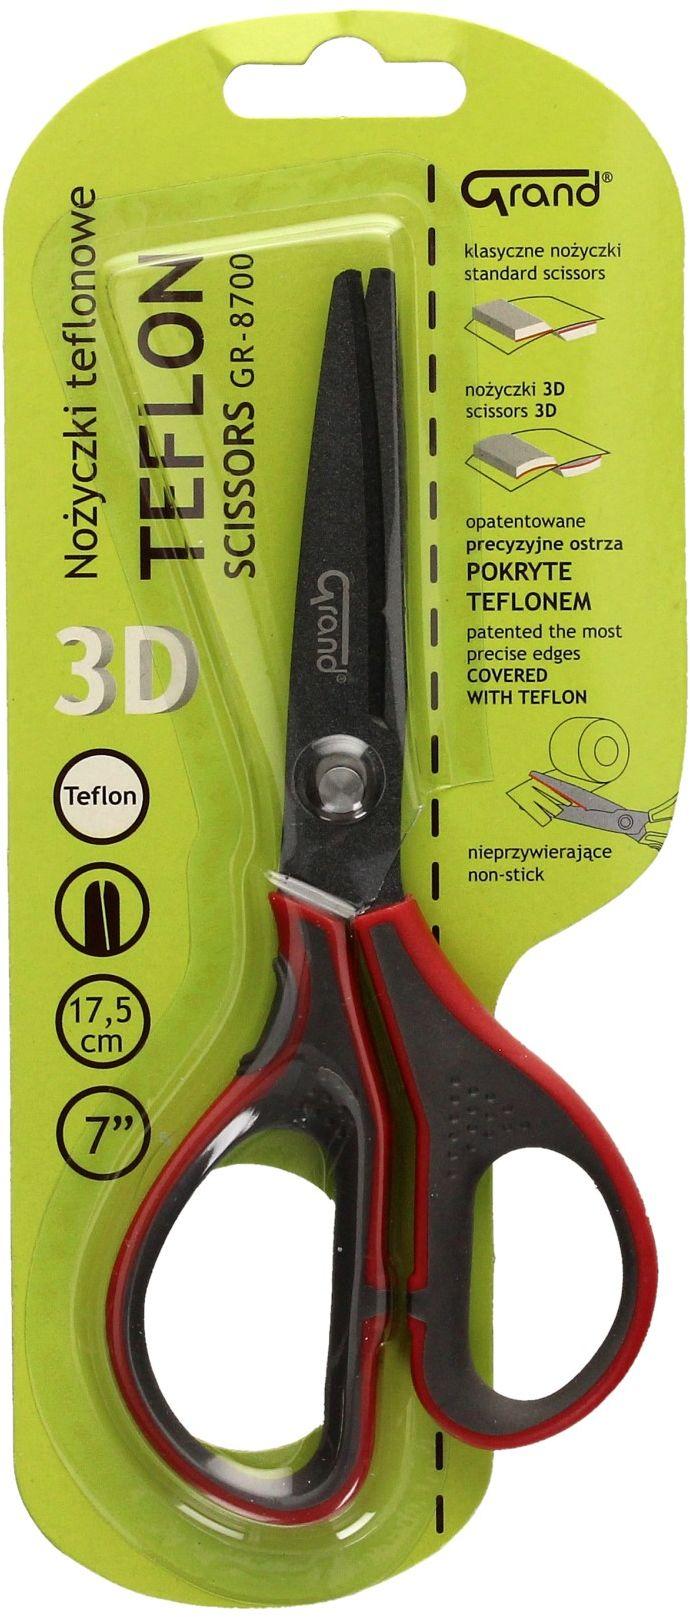 Nożyczki 17.5cm teflonowe Grand GR-8700